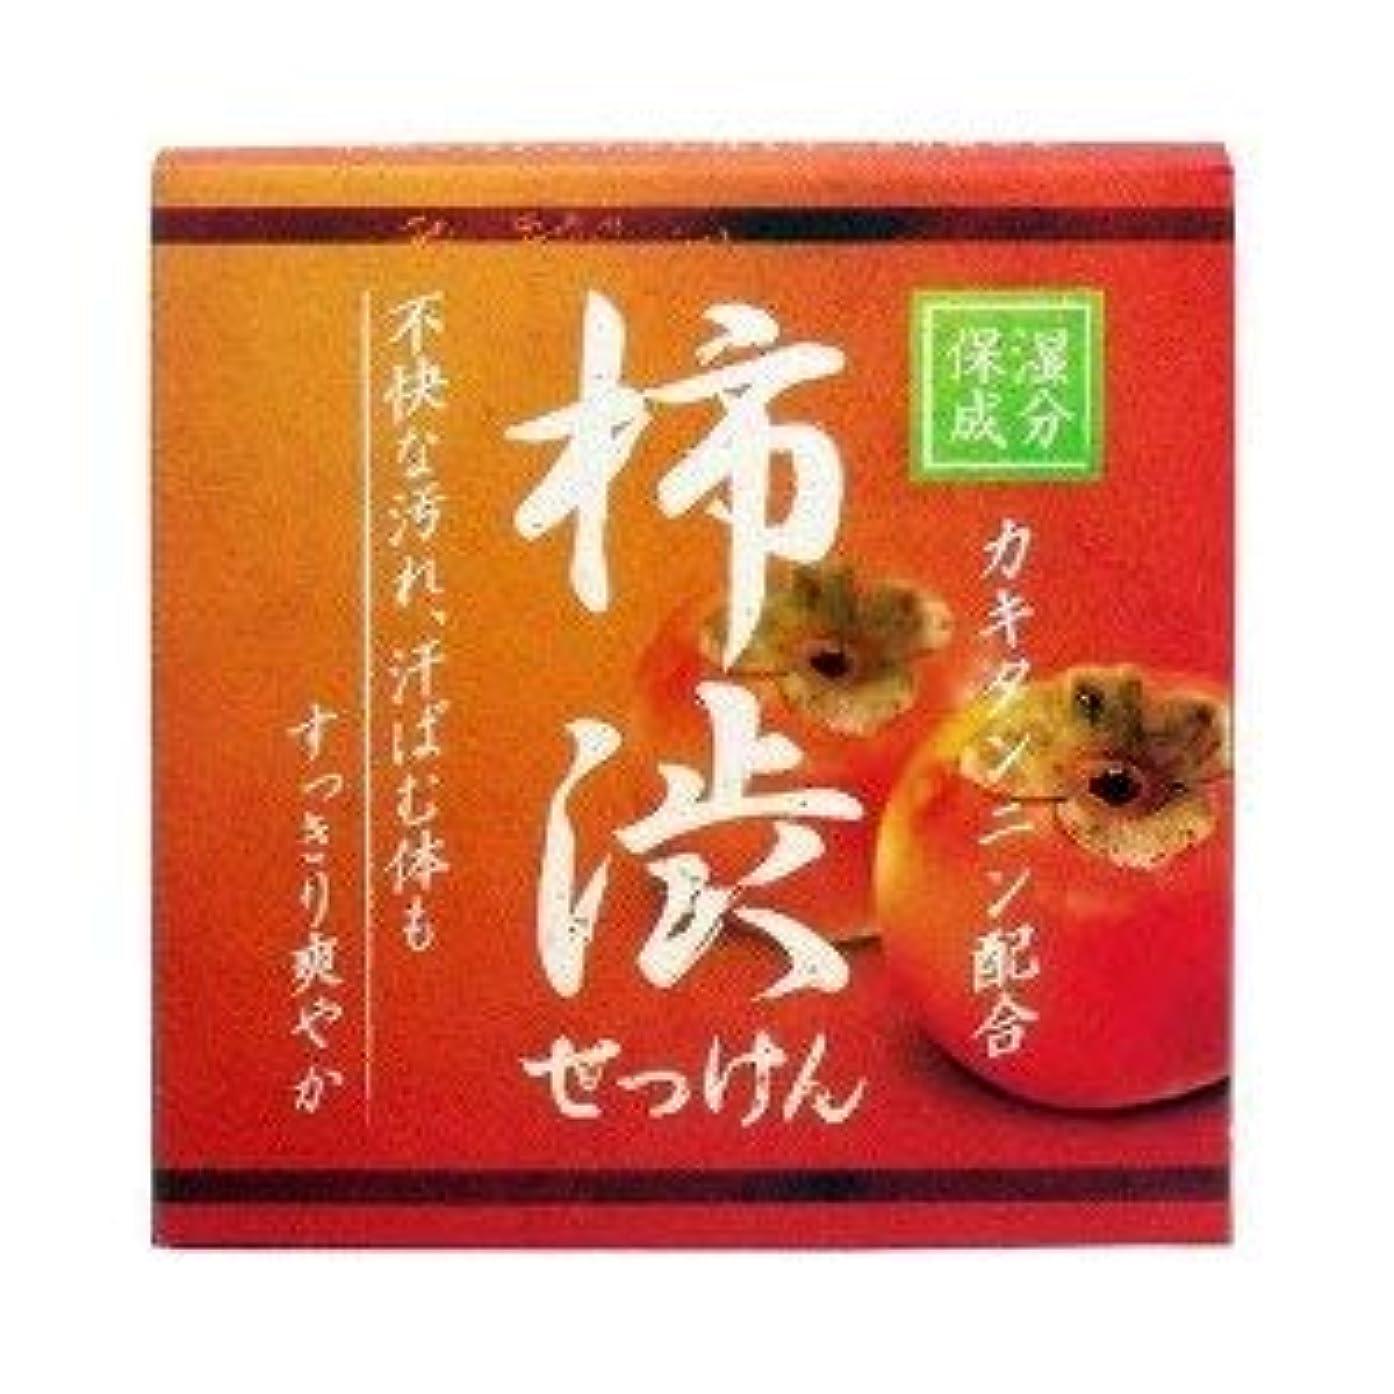 器官誘導リネン柿渋配合せっけん カキタンニン配合保湿成分 80g×2 2個1セット 石鹸